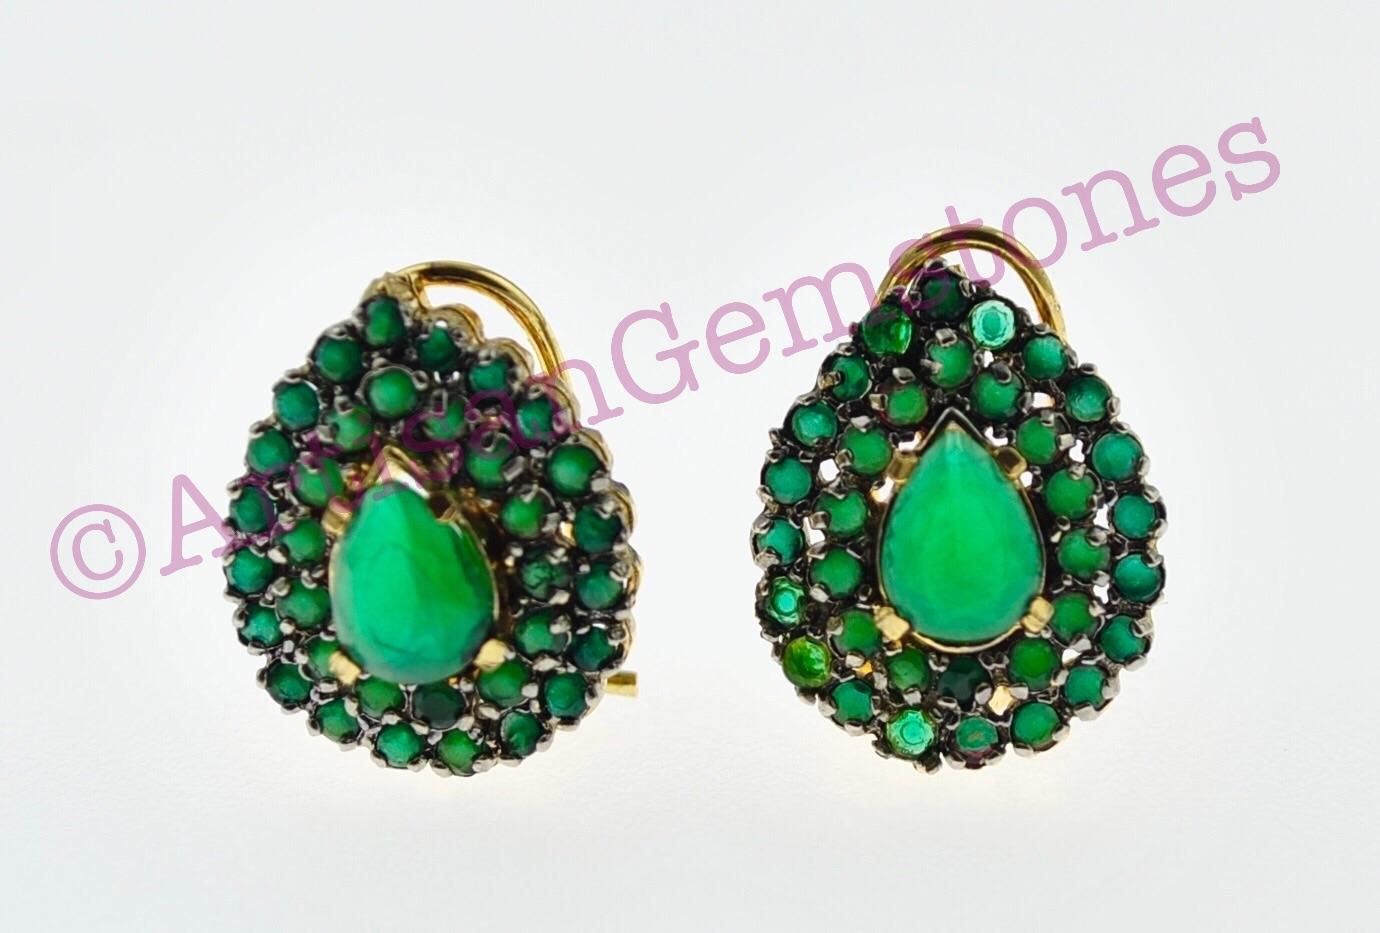 Green small sized Earrings